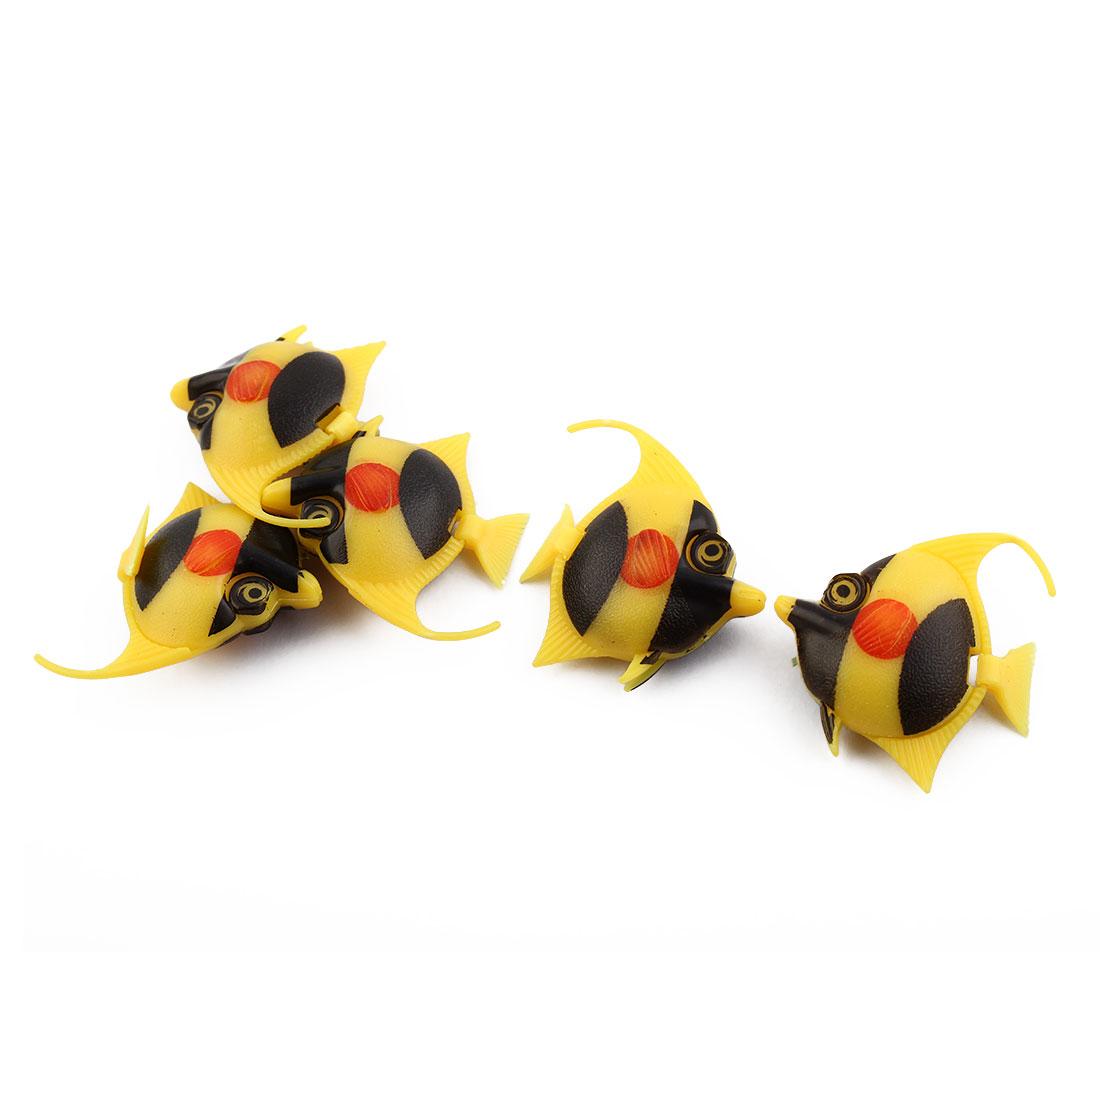 Aquarium Plastic Wiggled Floating Mini Ocean Fish Decorate Yellow Black 5pcs